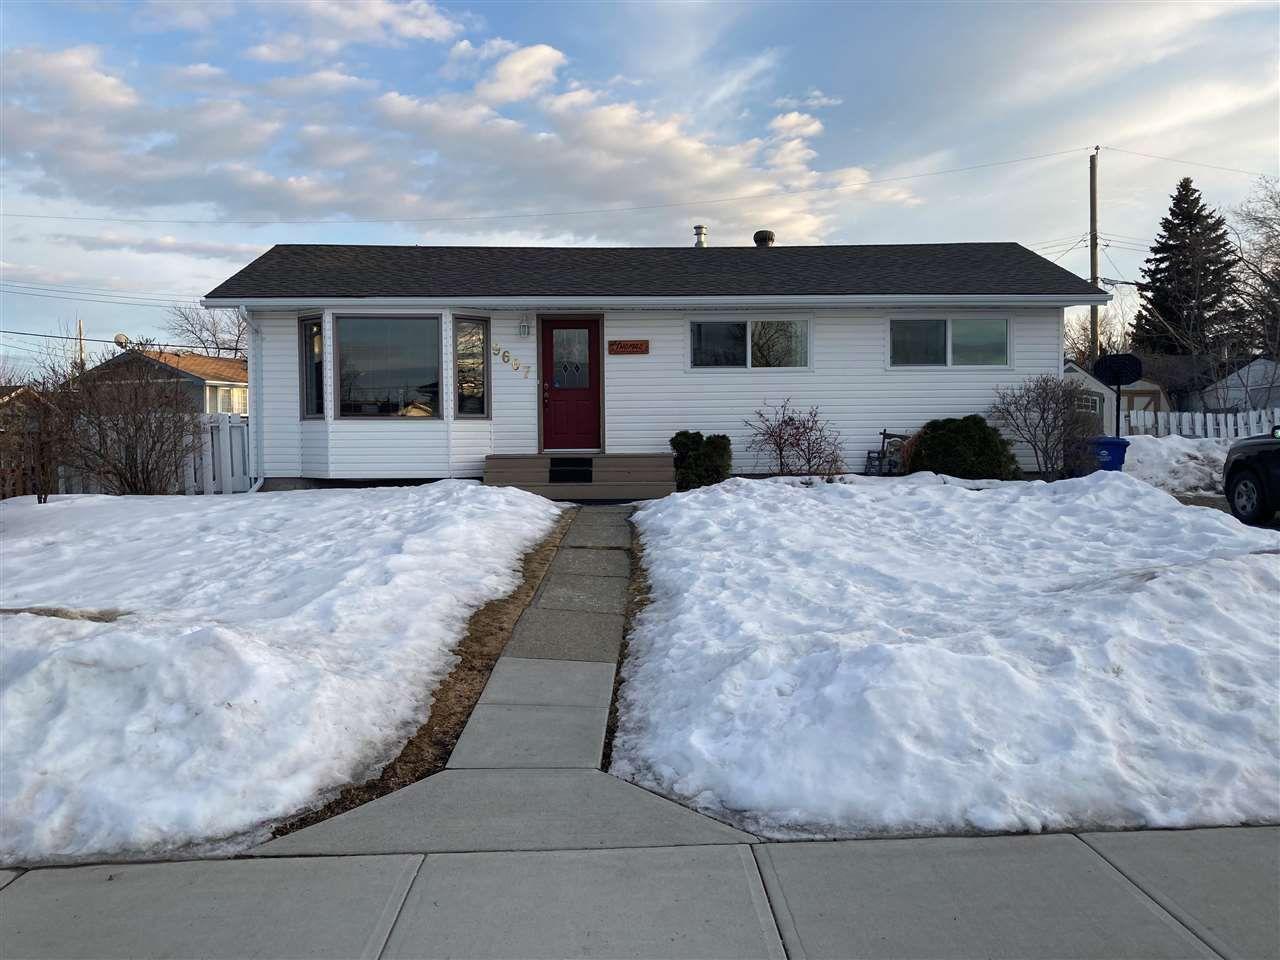 Main Photo: 9607 109 Avenue in Fort St. John: Fort St. John - City NE House for sale (Fort St. John (Zone 60))  : MLS®# R2555248